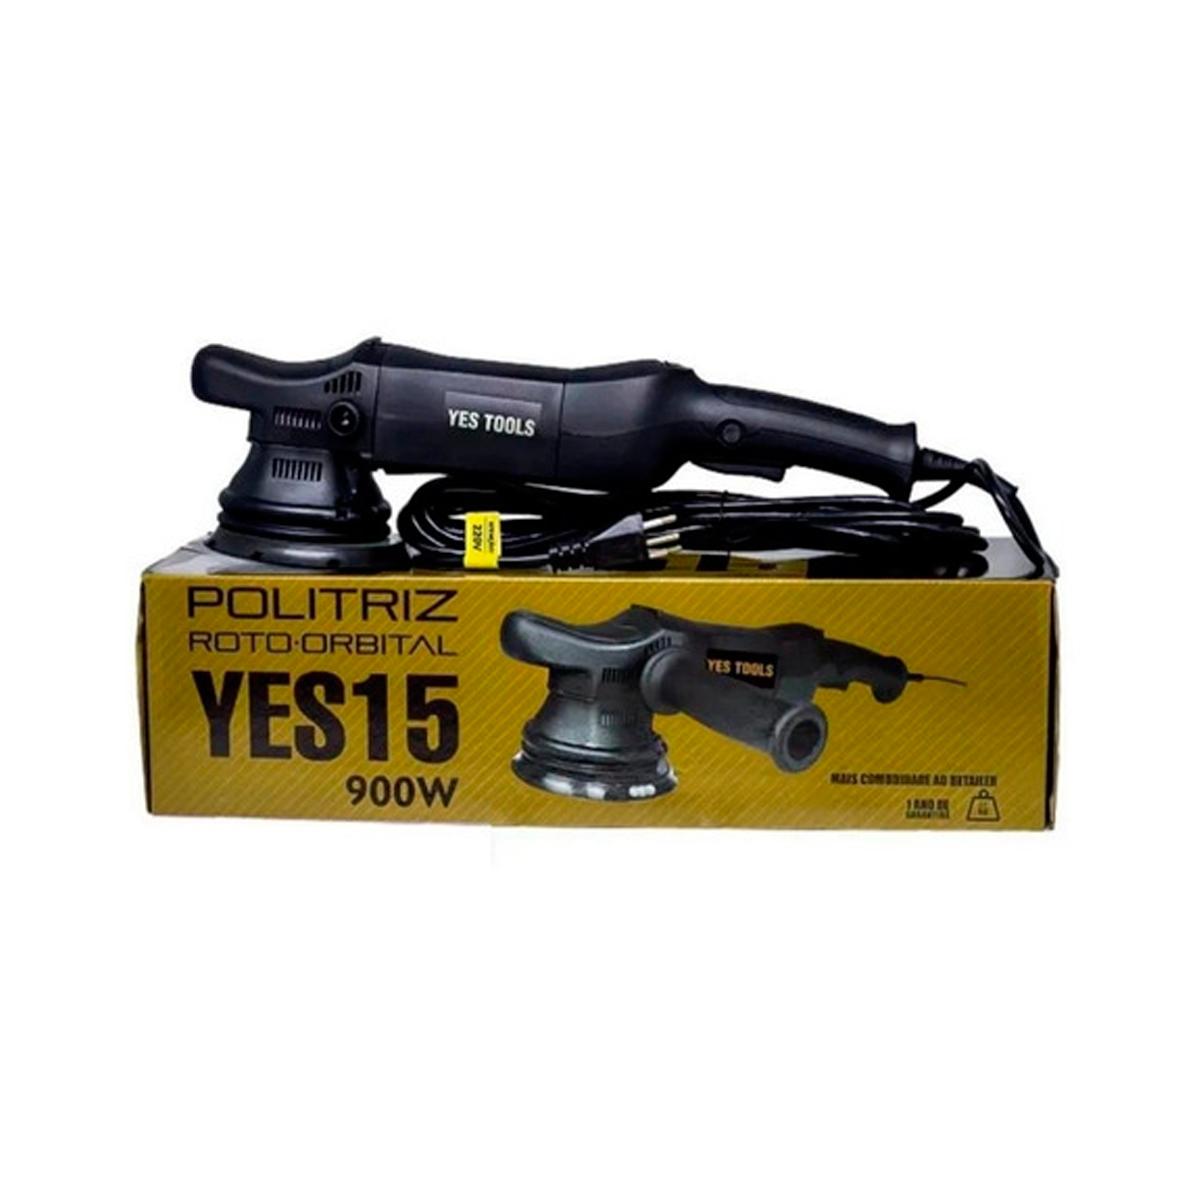 Politriz Roto Orbital Yes Tools Yes15 127V - Kers